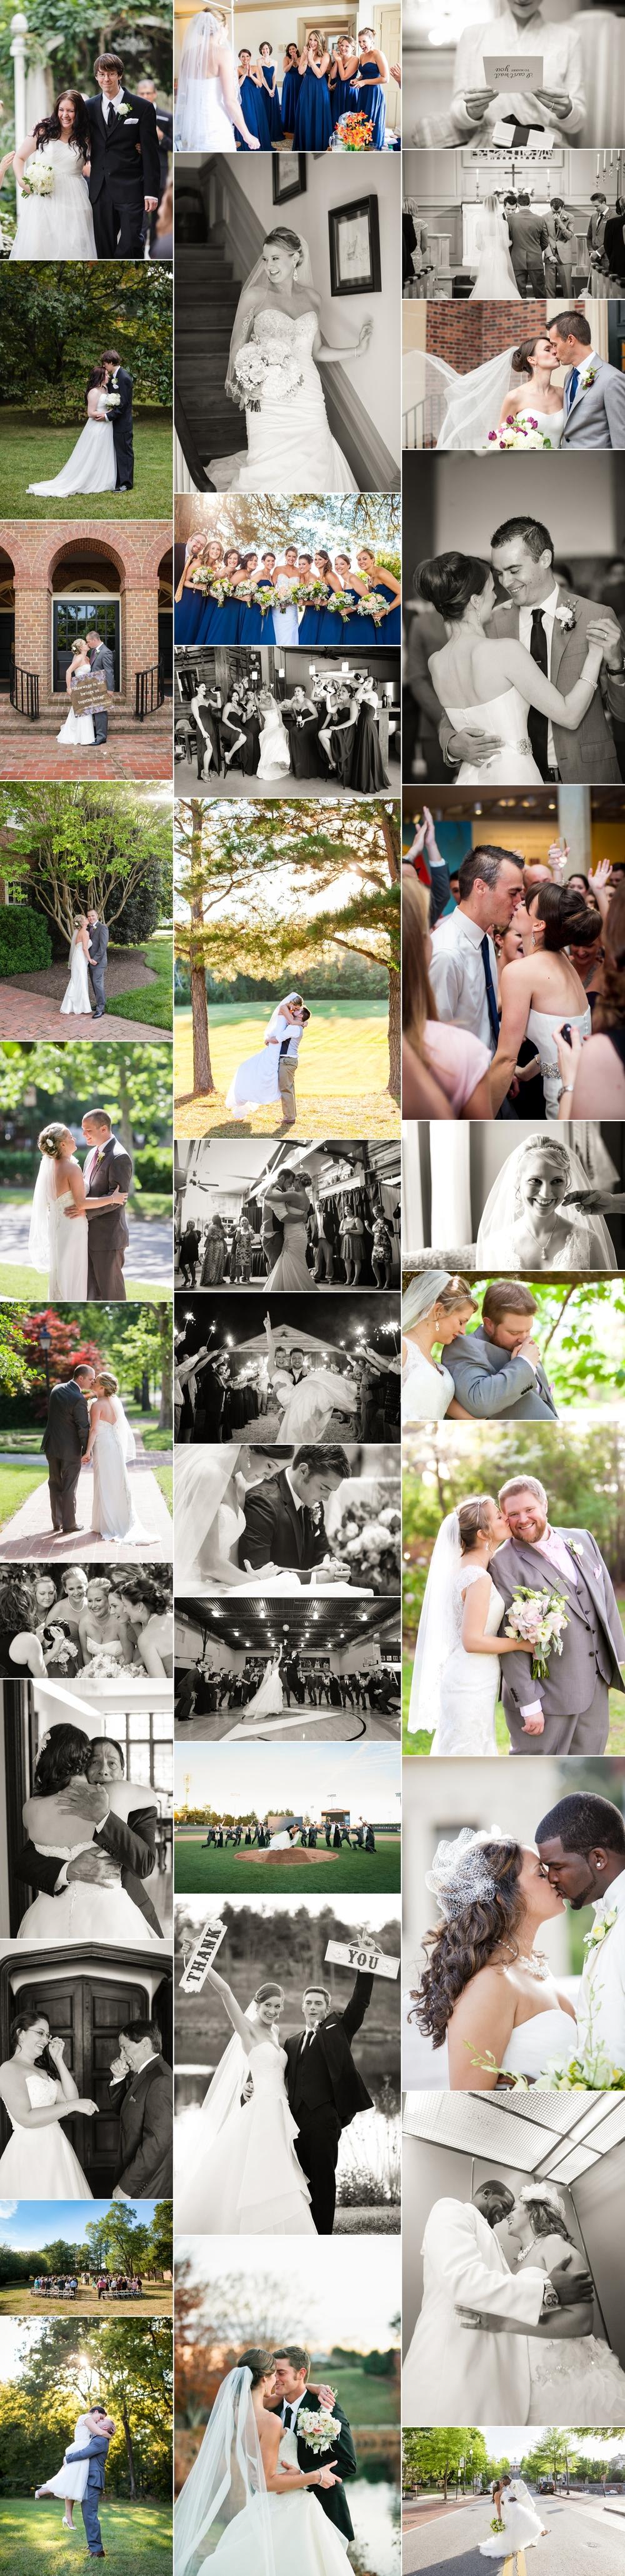 2014-Year-Review-Weddings_0004.jpg